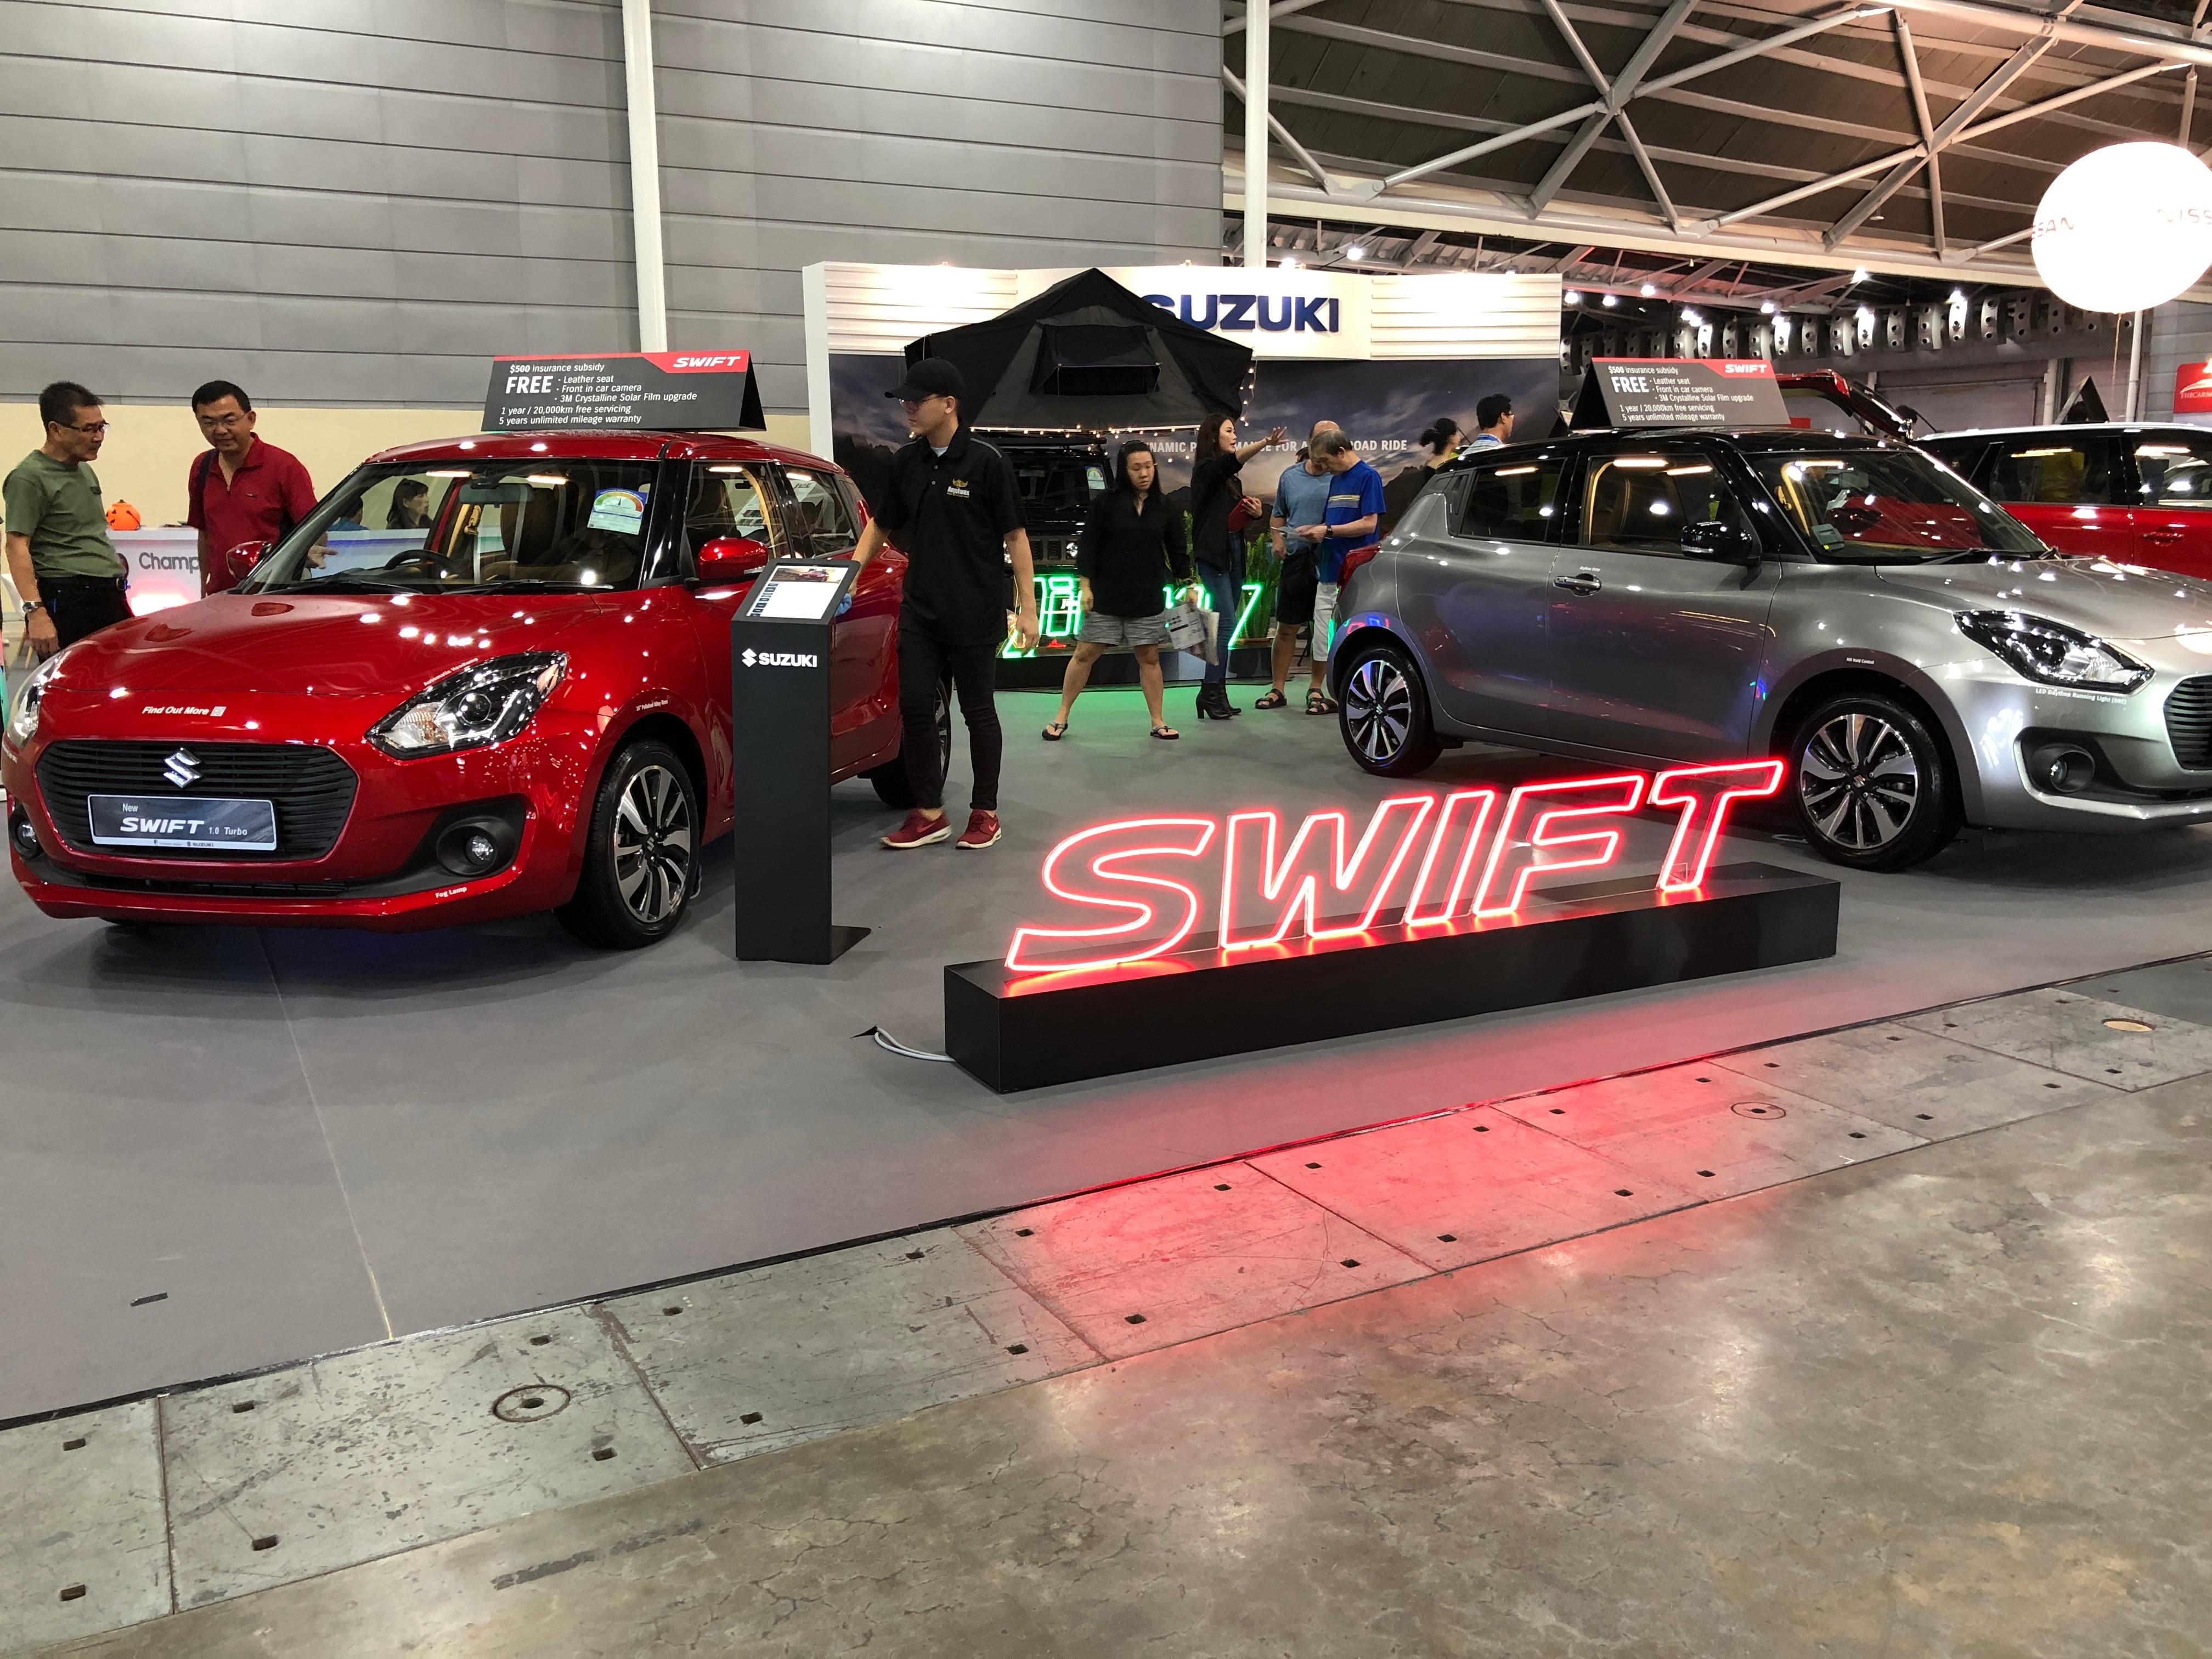 cars@expo suzuki swift